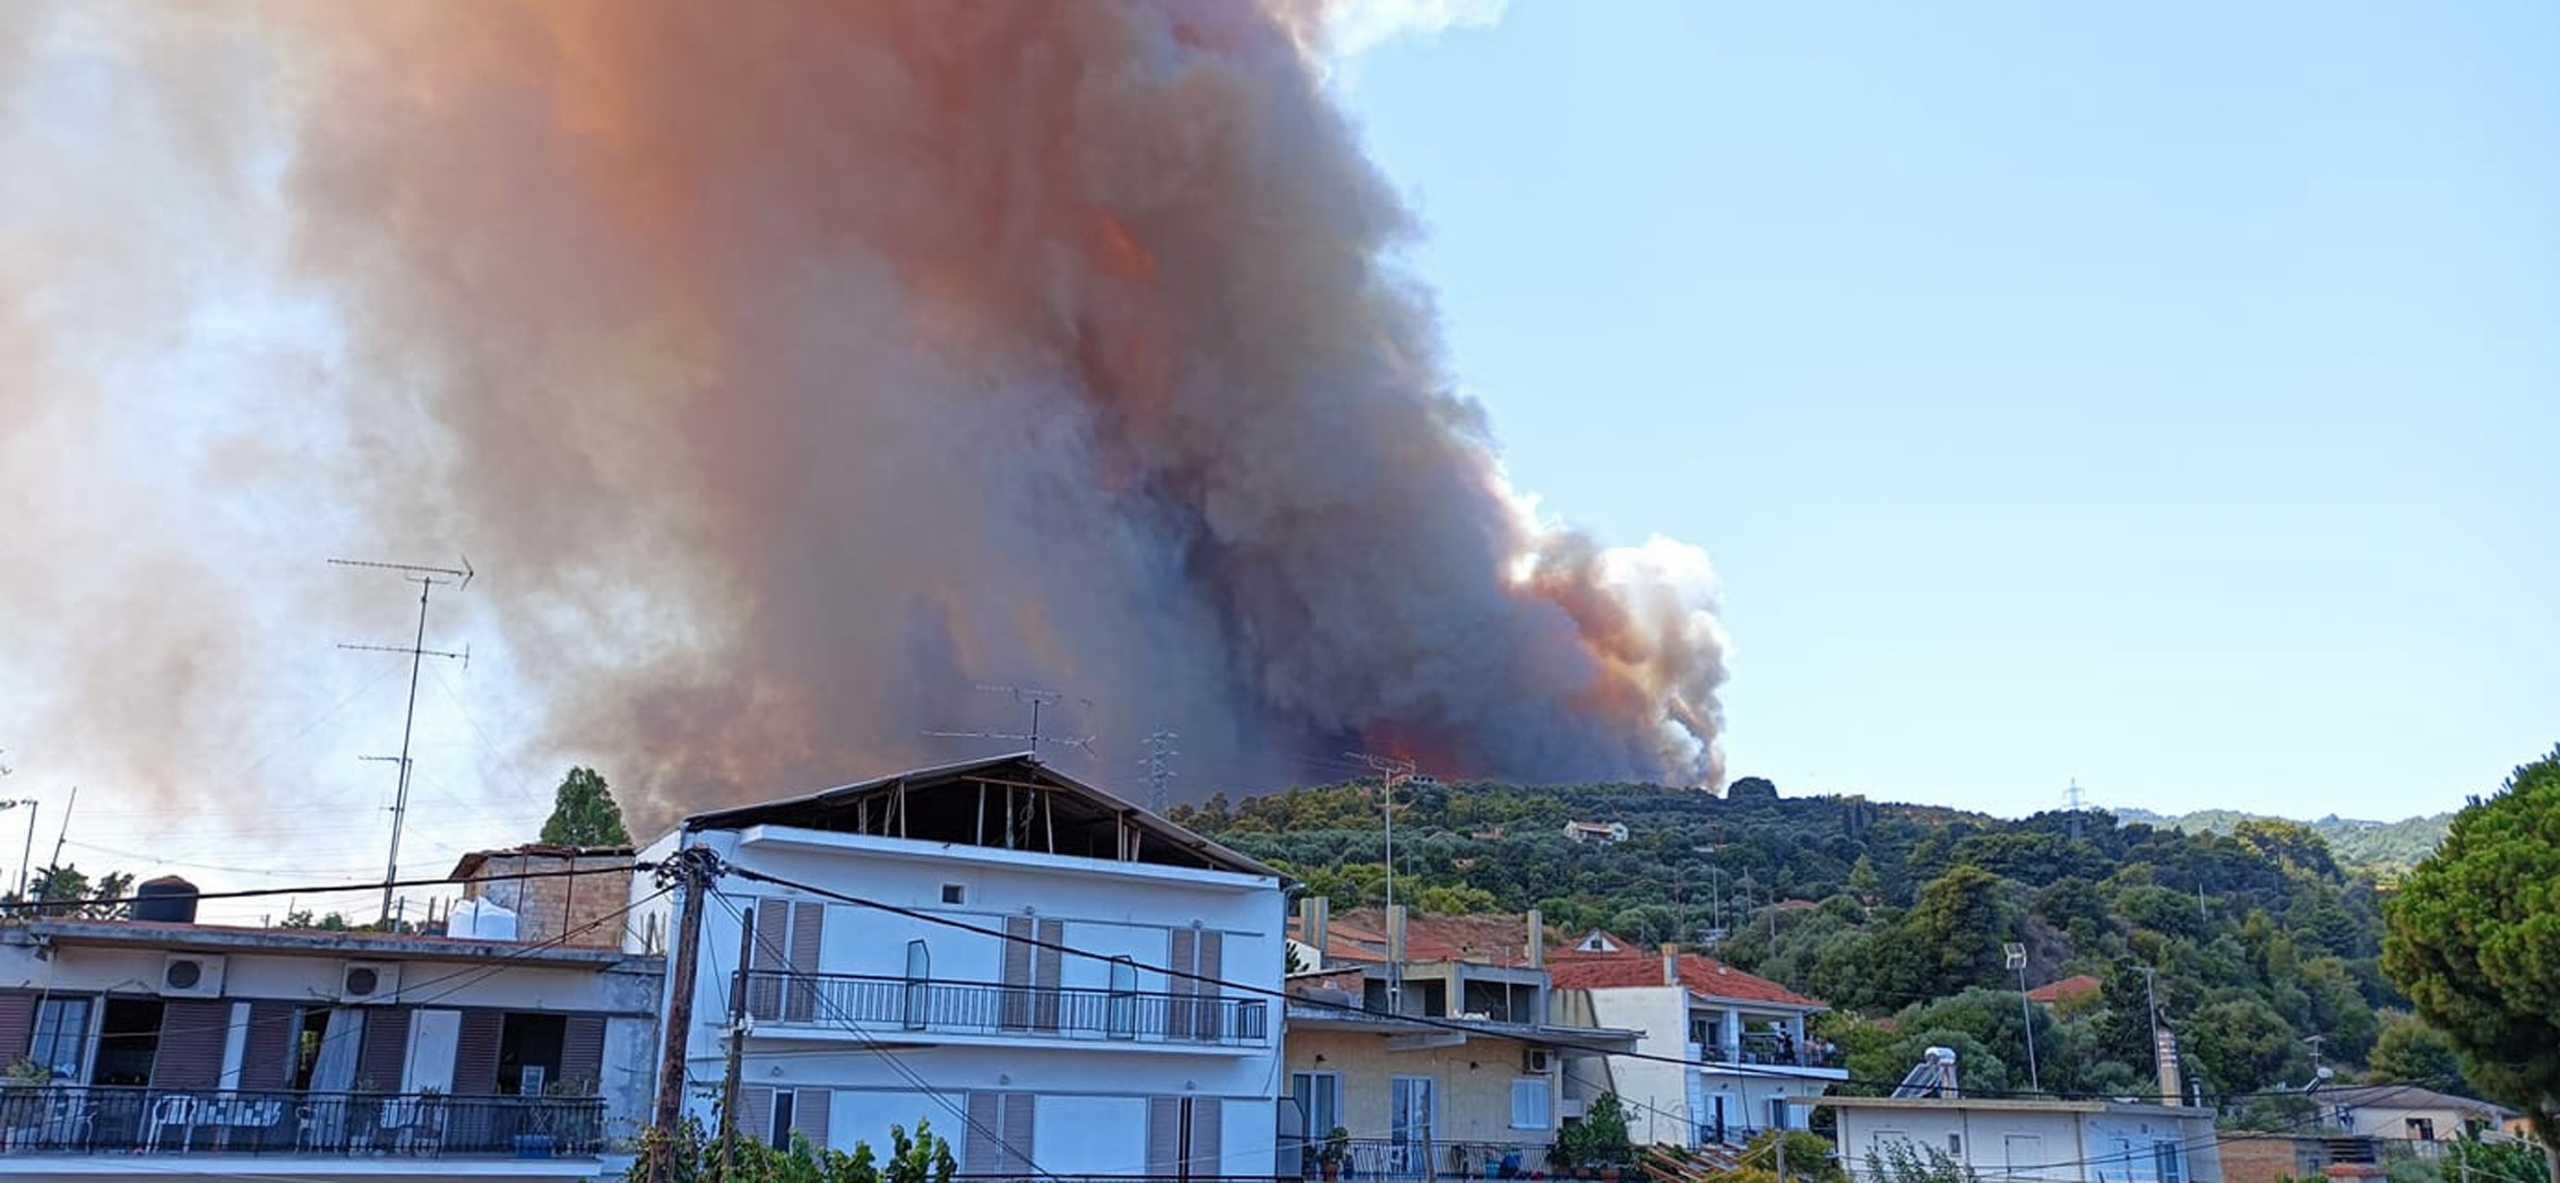 Πρόεδρος Δημοτικού Συμβουλίου Αιγιαλείας: Έχουν καεί πάνω από 20 σπίτια στη Ζήρια